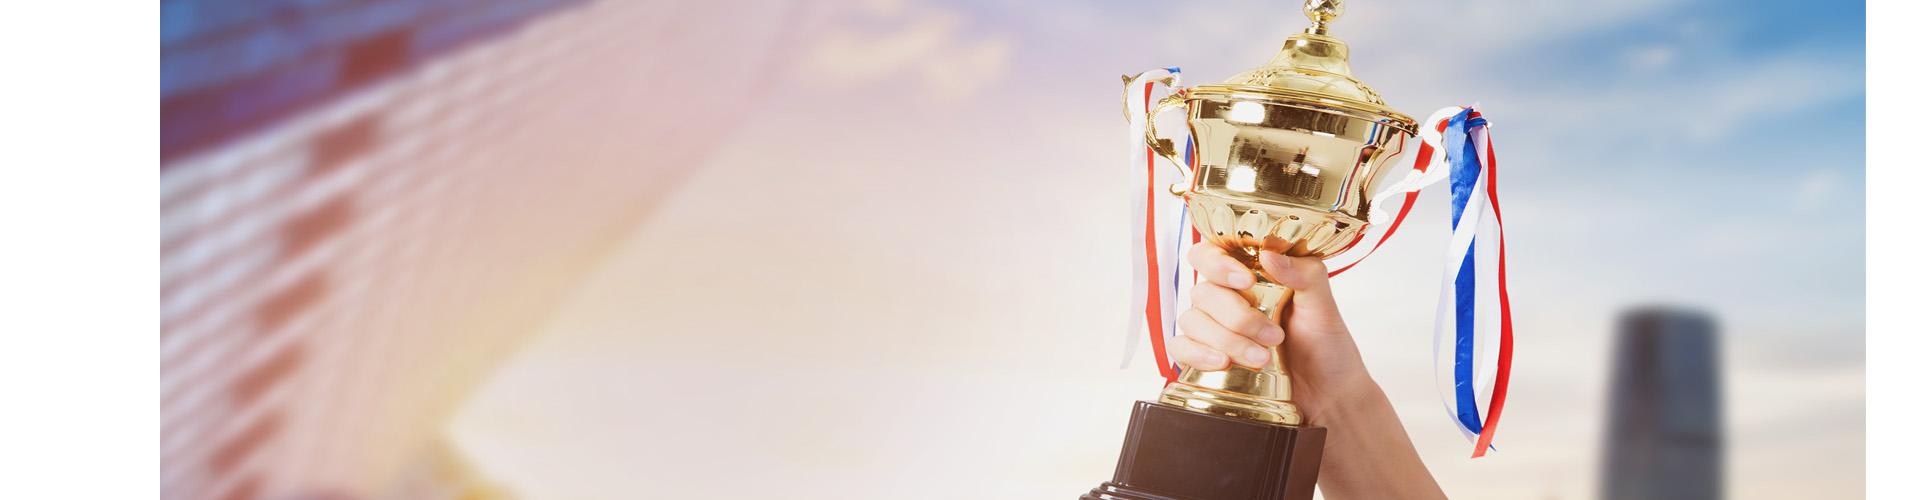 品质成就**,某某电气产品荣获全国科技进步一等奖